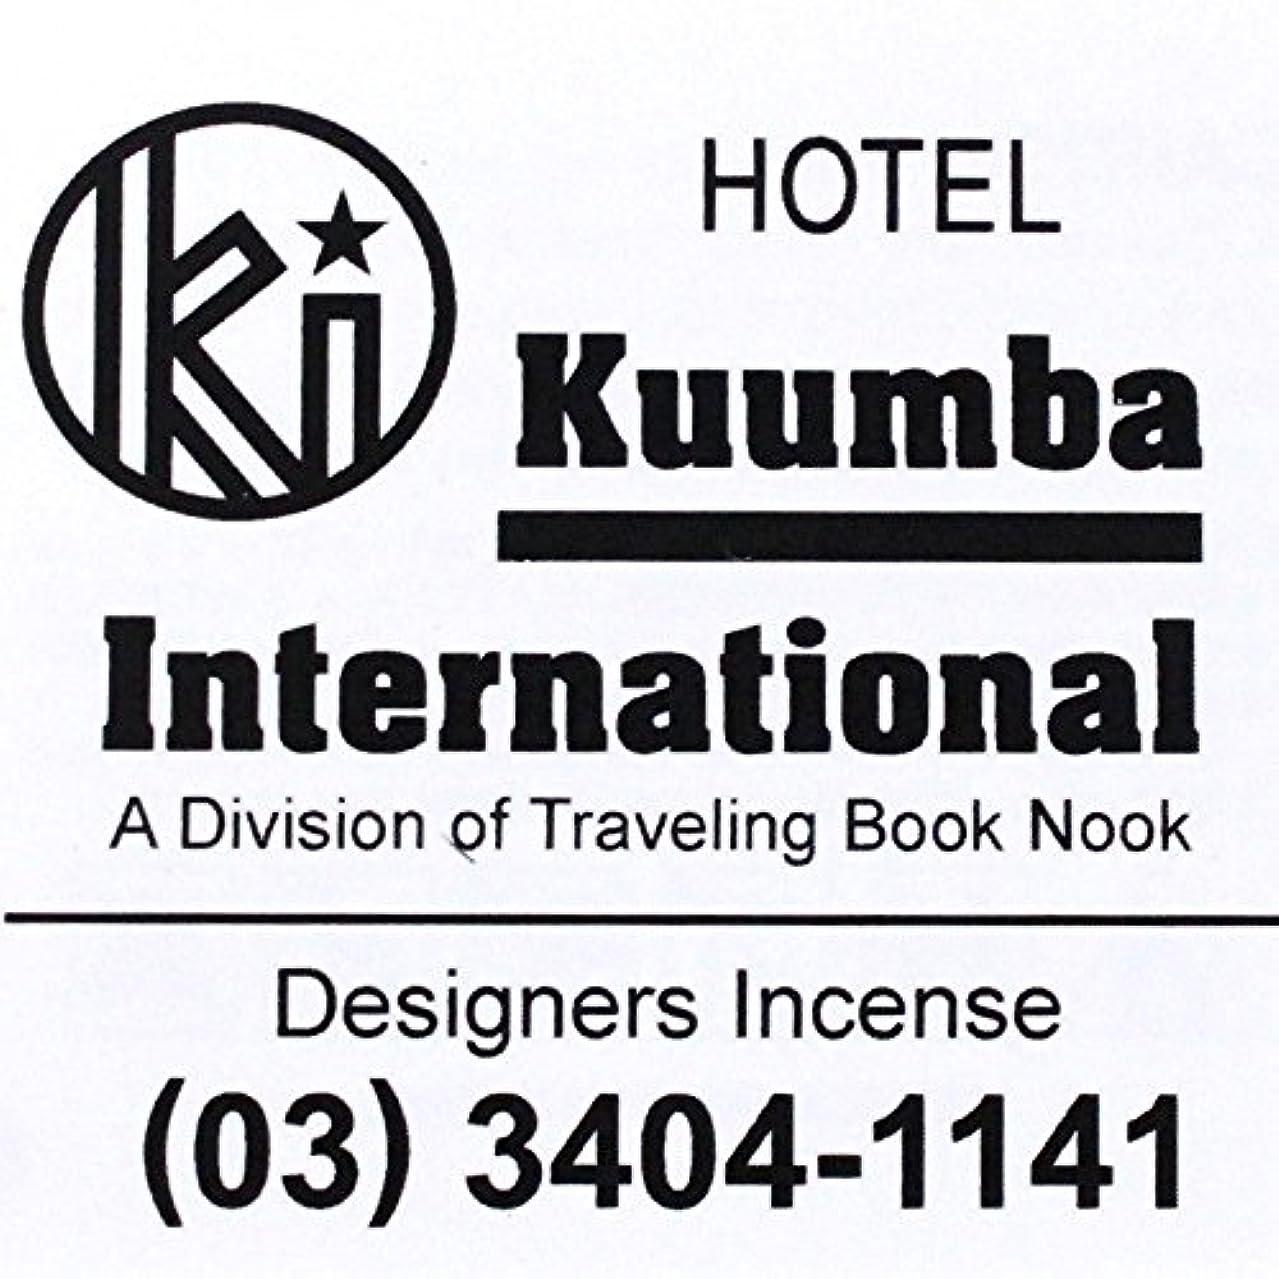 形式建物浸漬(クンバ) KUUMBA『incense』(HOTEL) (Regular size)